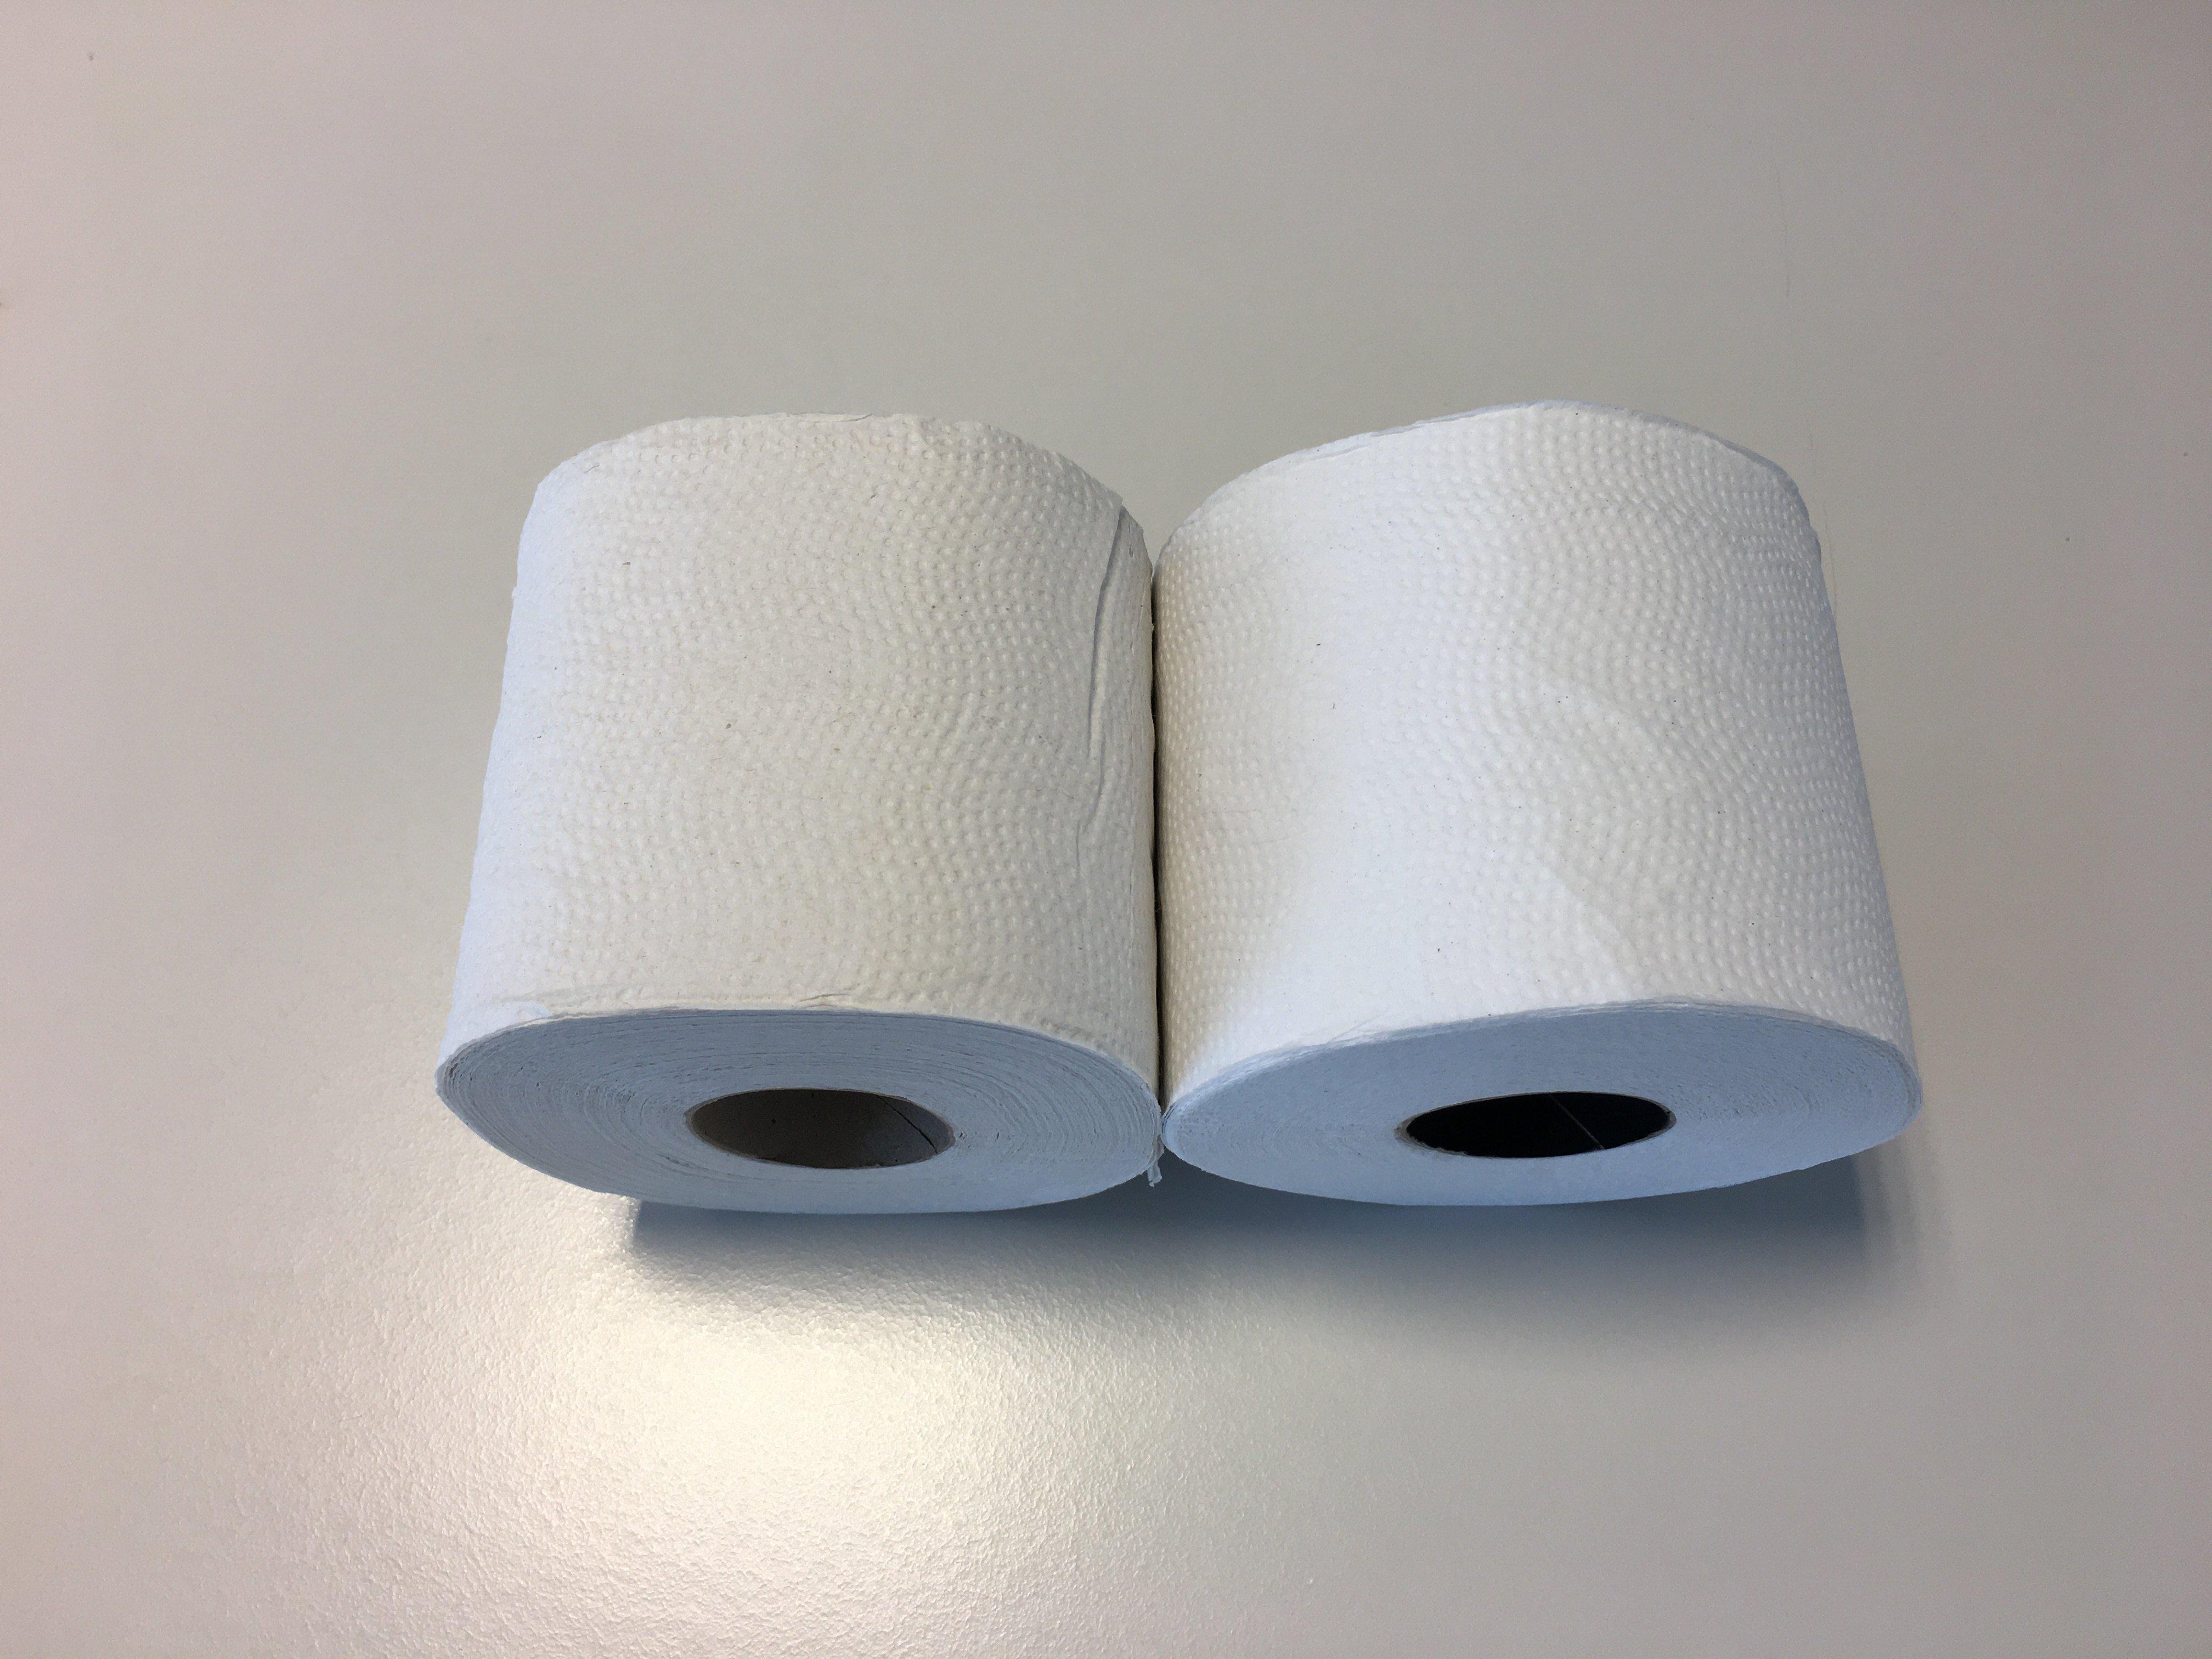 Twee toiletrollen met verschillende witwaardes. Eindgebruikers zullen de verschillen tussen de rollen niet opmerken.